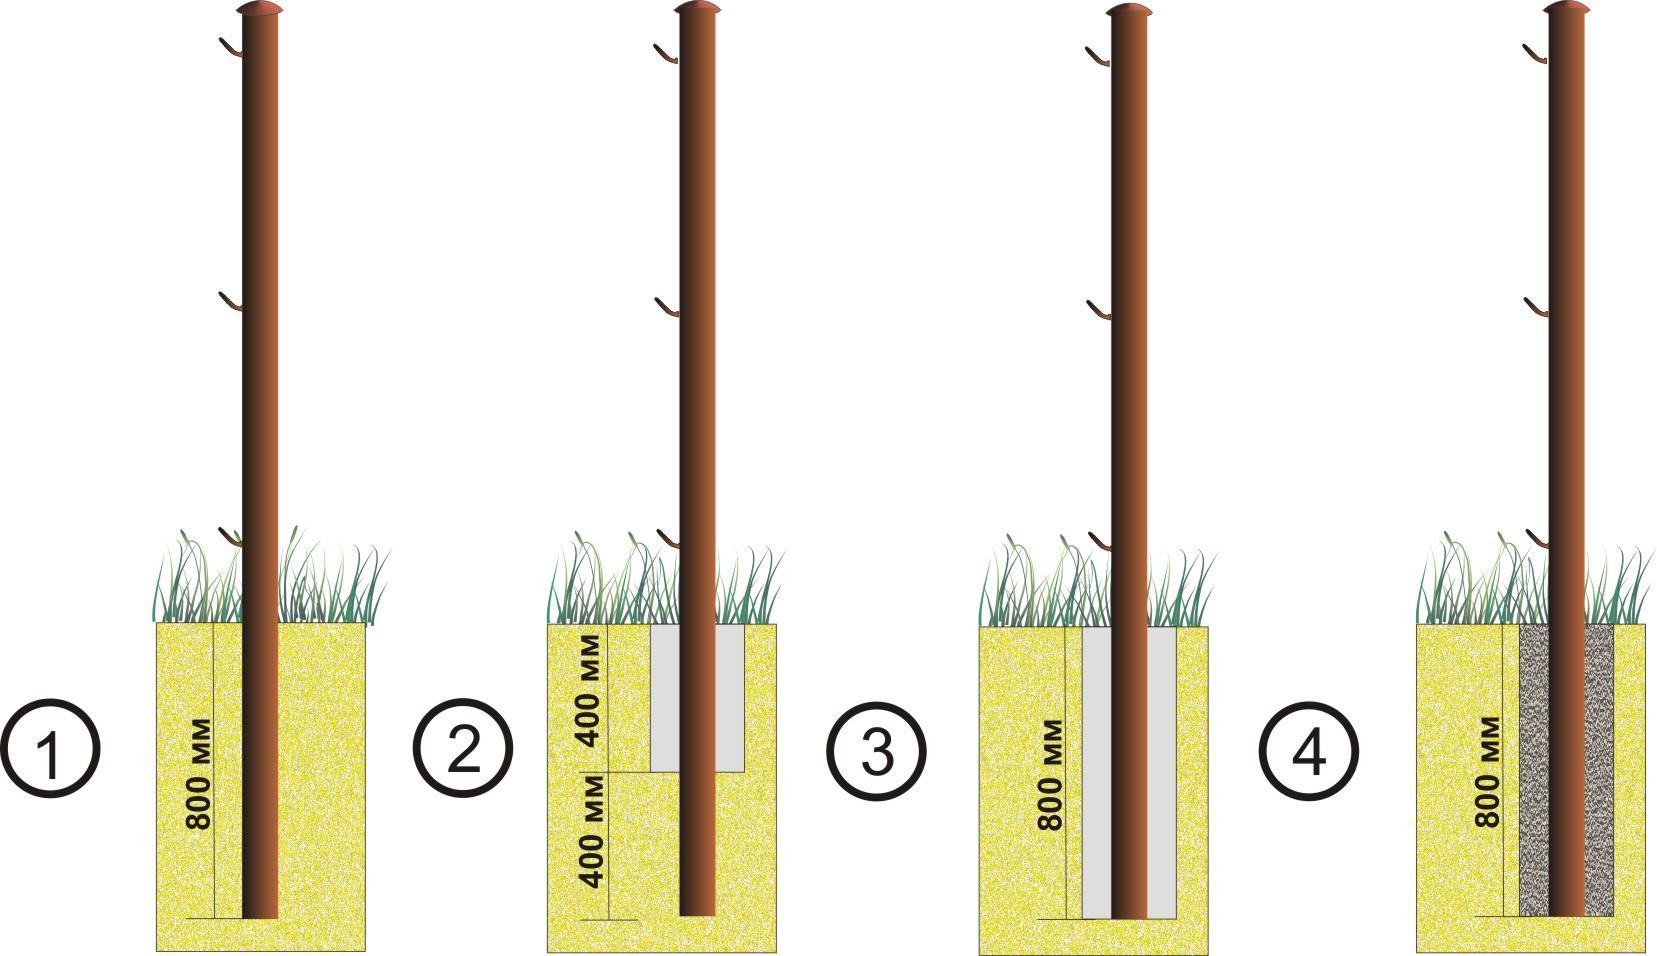 Как установить металлические столбы для беседки - 4 способа